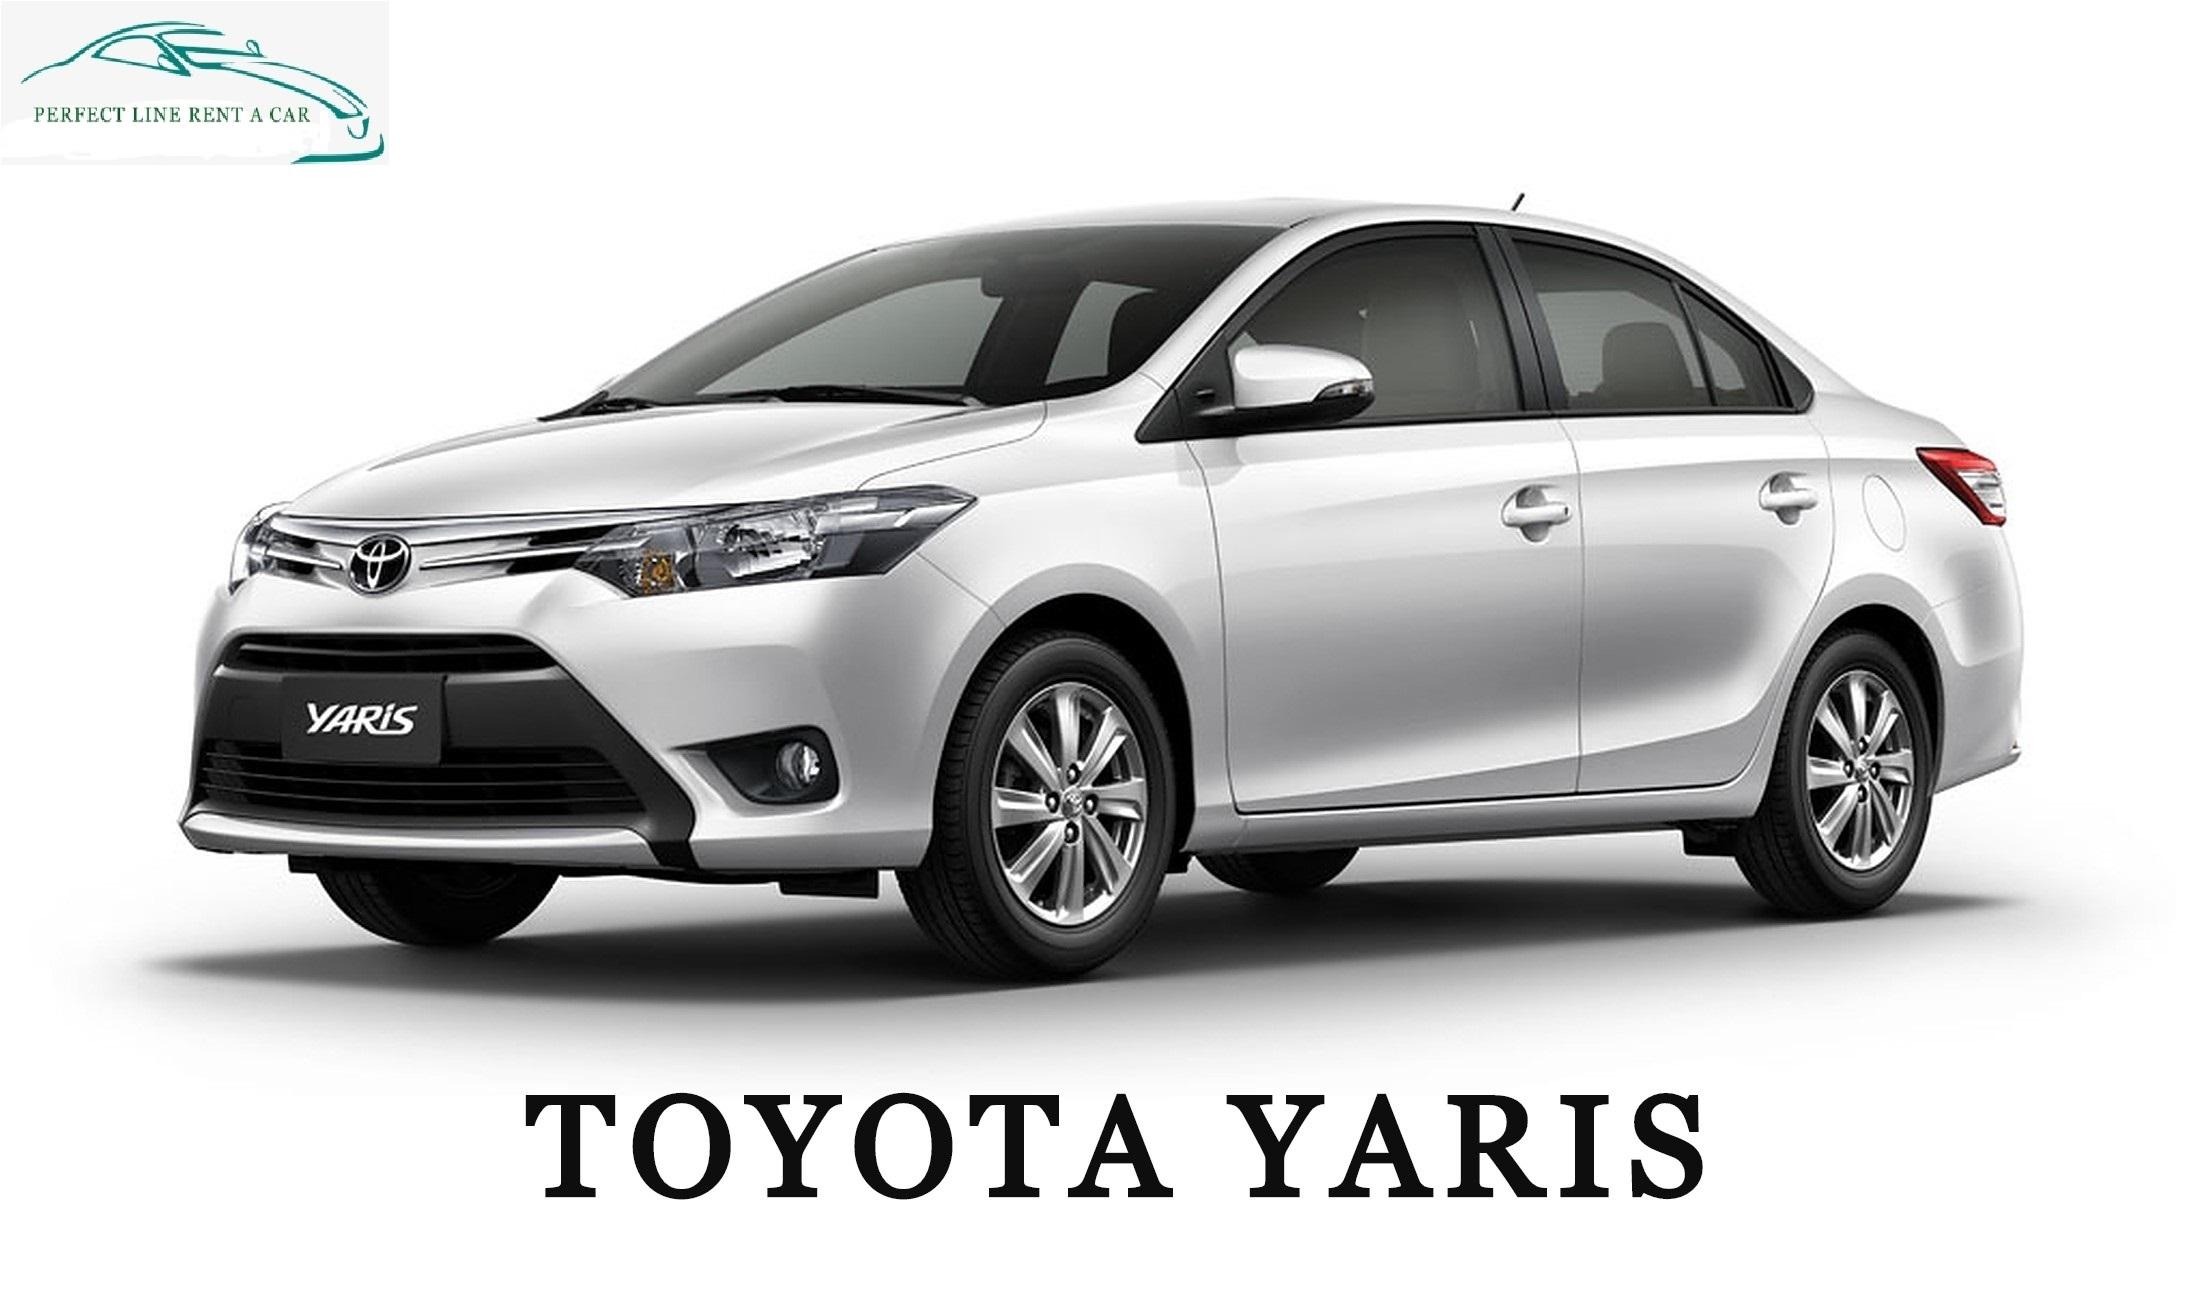 Toyota yaris sedan v1 2014.jpg